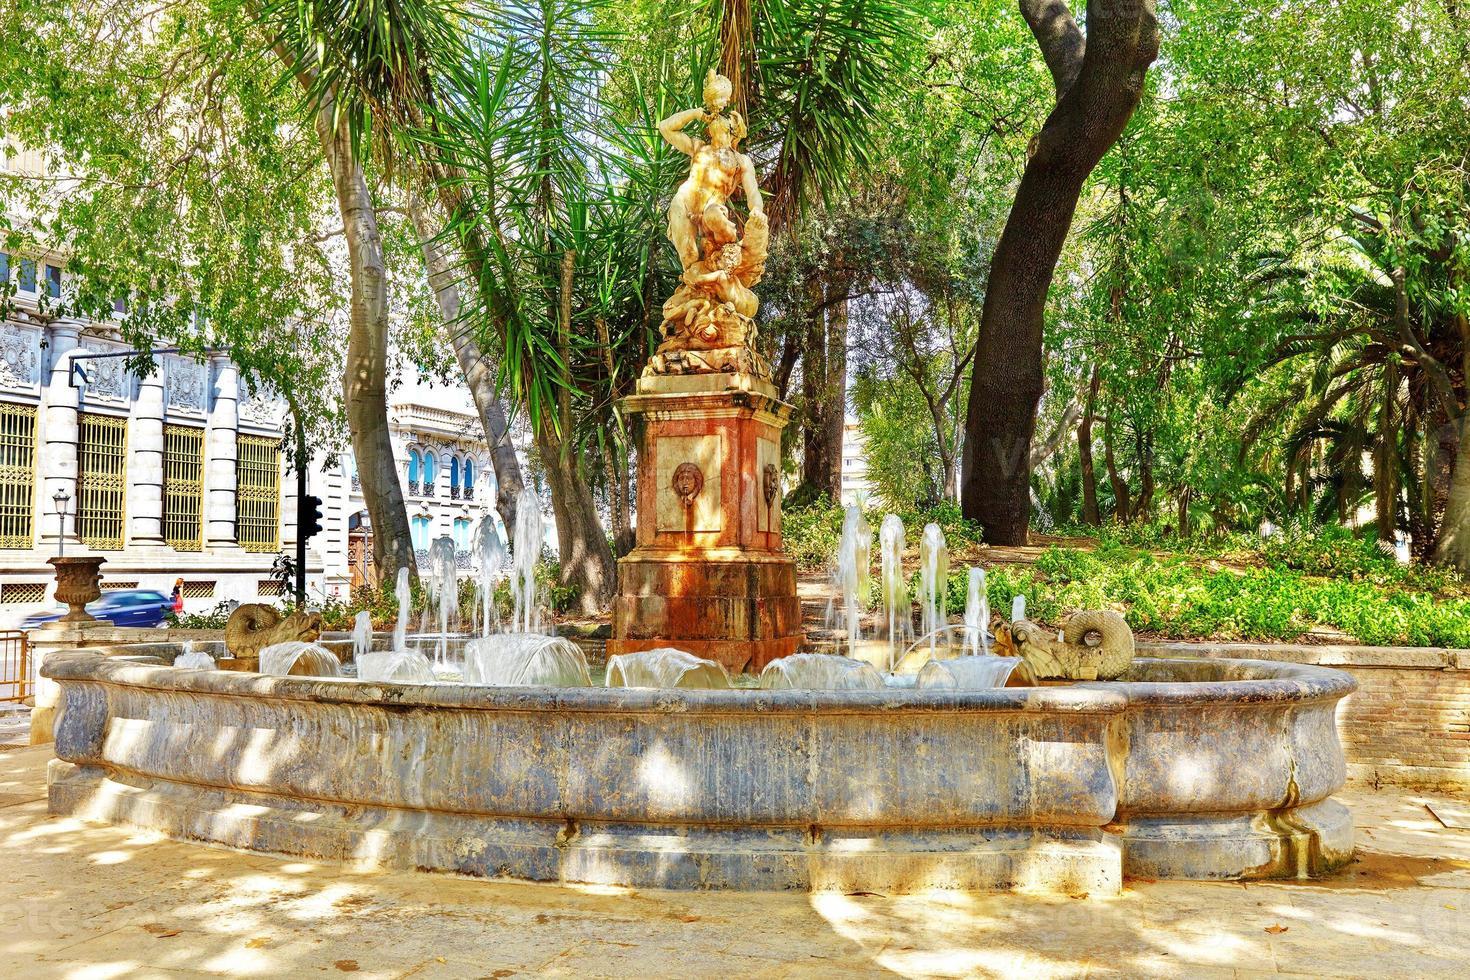 fontaine dans le parc - lieux de valence photo